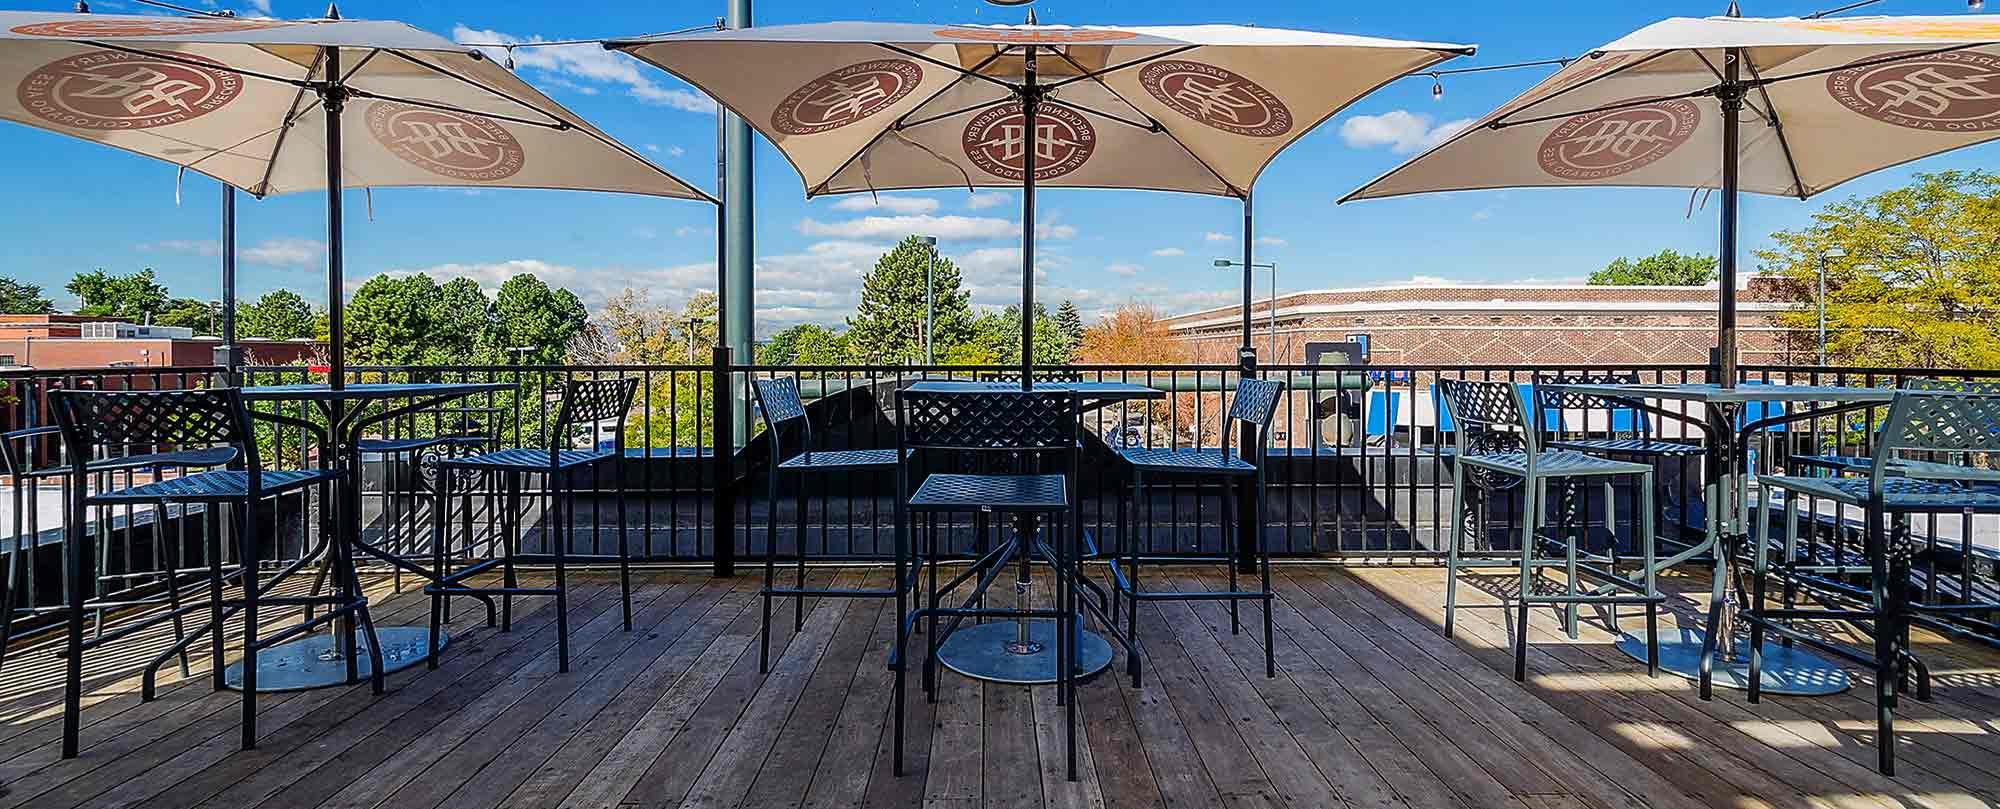 pub-patio2.jpg